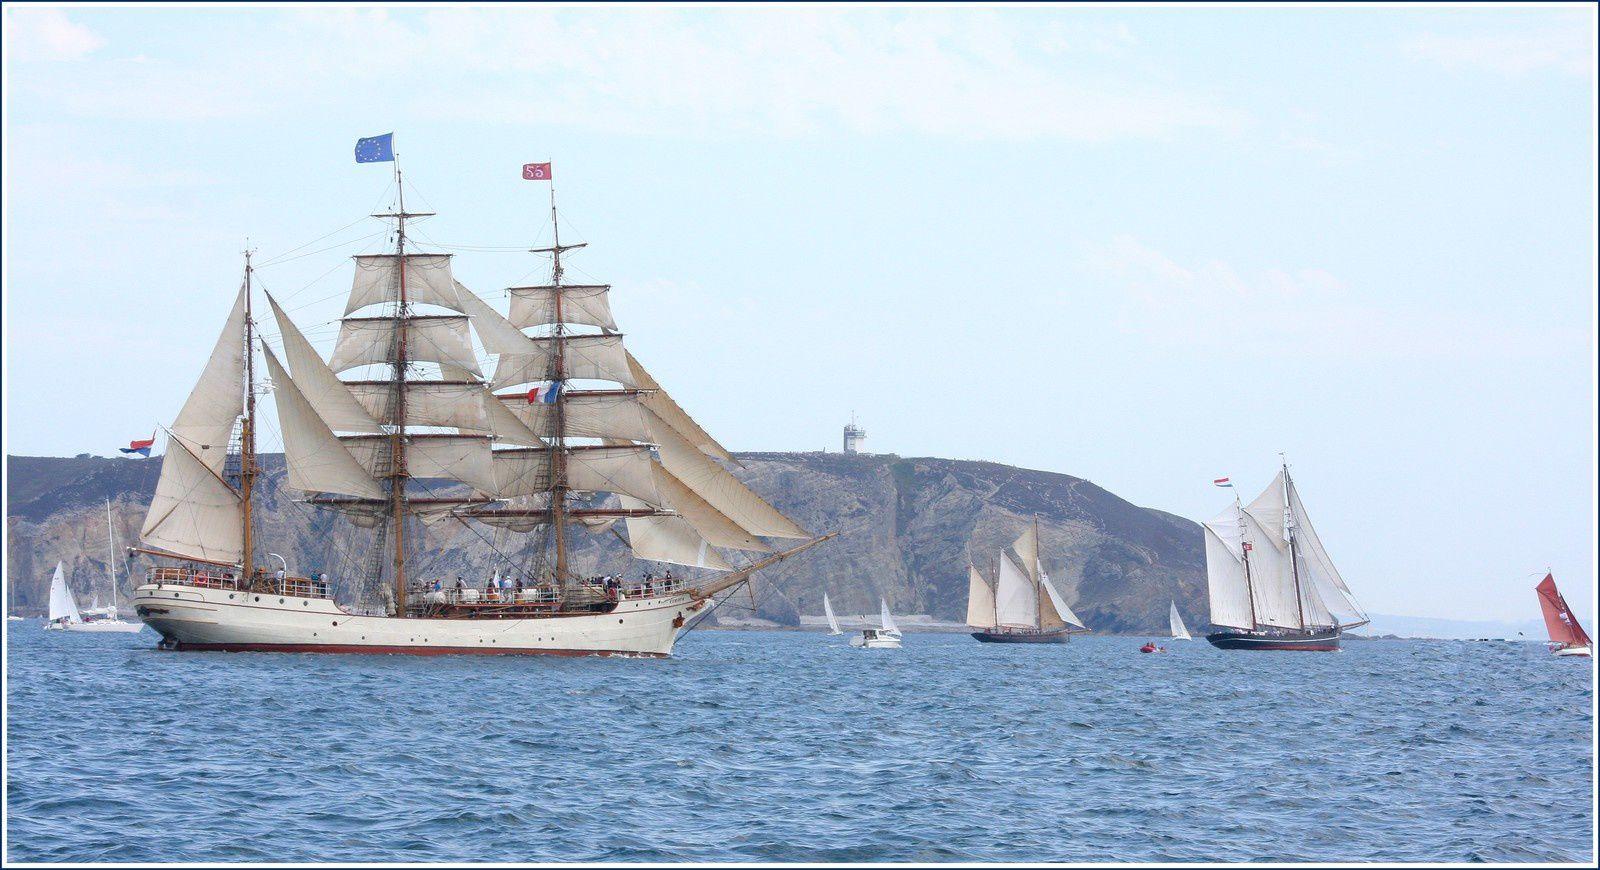 Mer d'Iroise, pointe de Bretagne, passage du Cap de la Chèvre 2016/07/19.